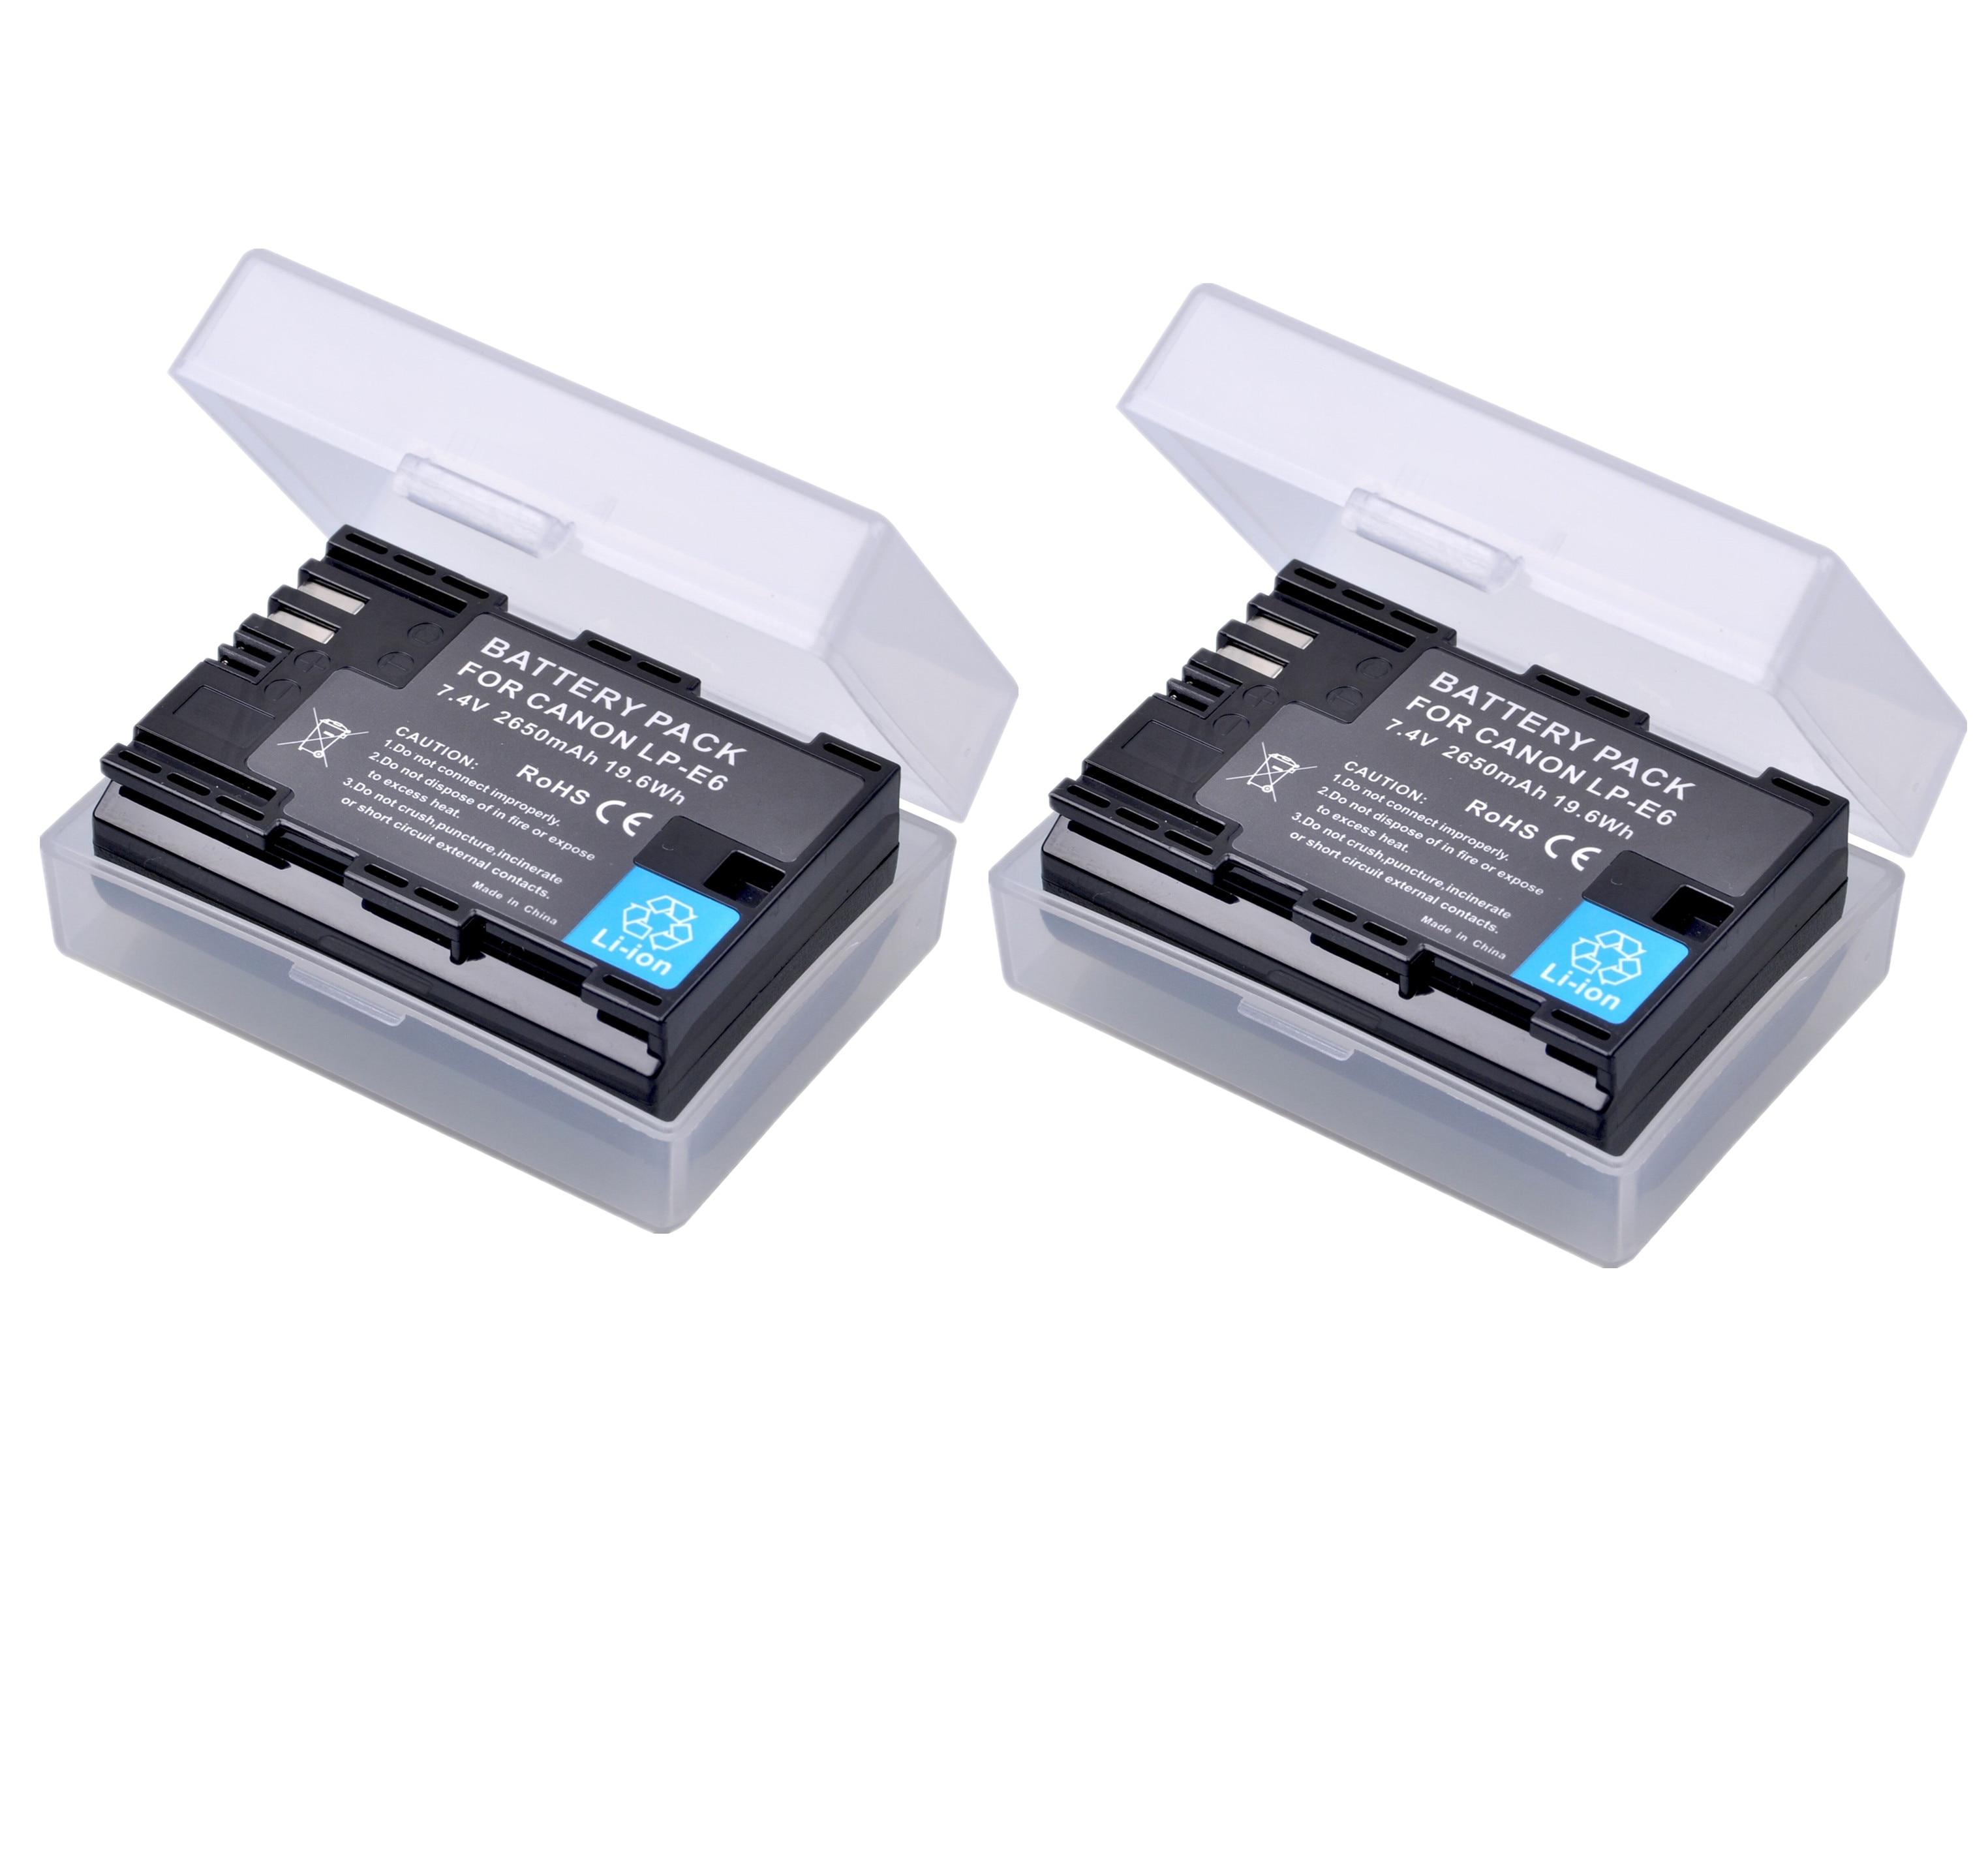 Batería de LP-E6 lpe6 LP E6 E6N para cámara, 2 baterías de...